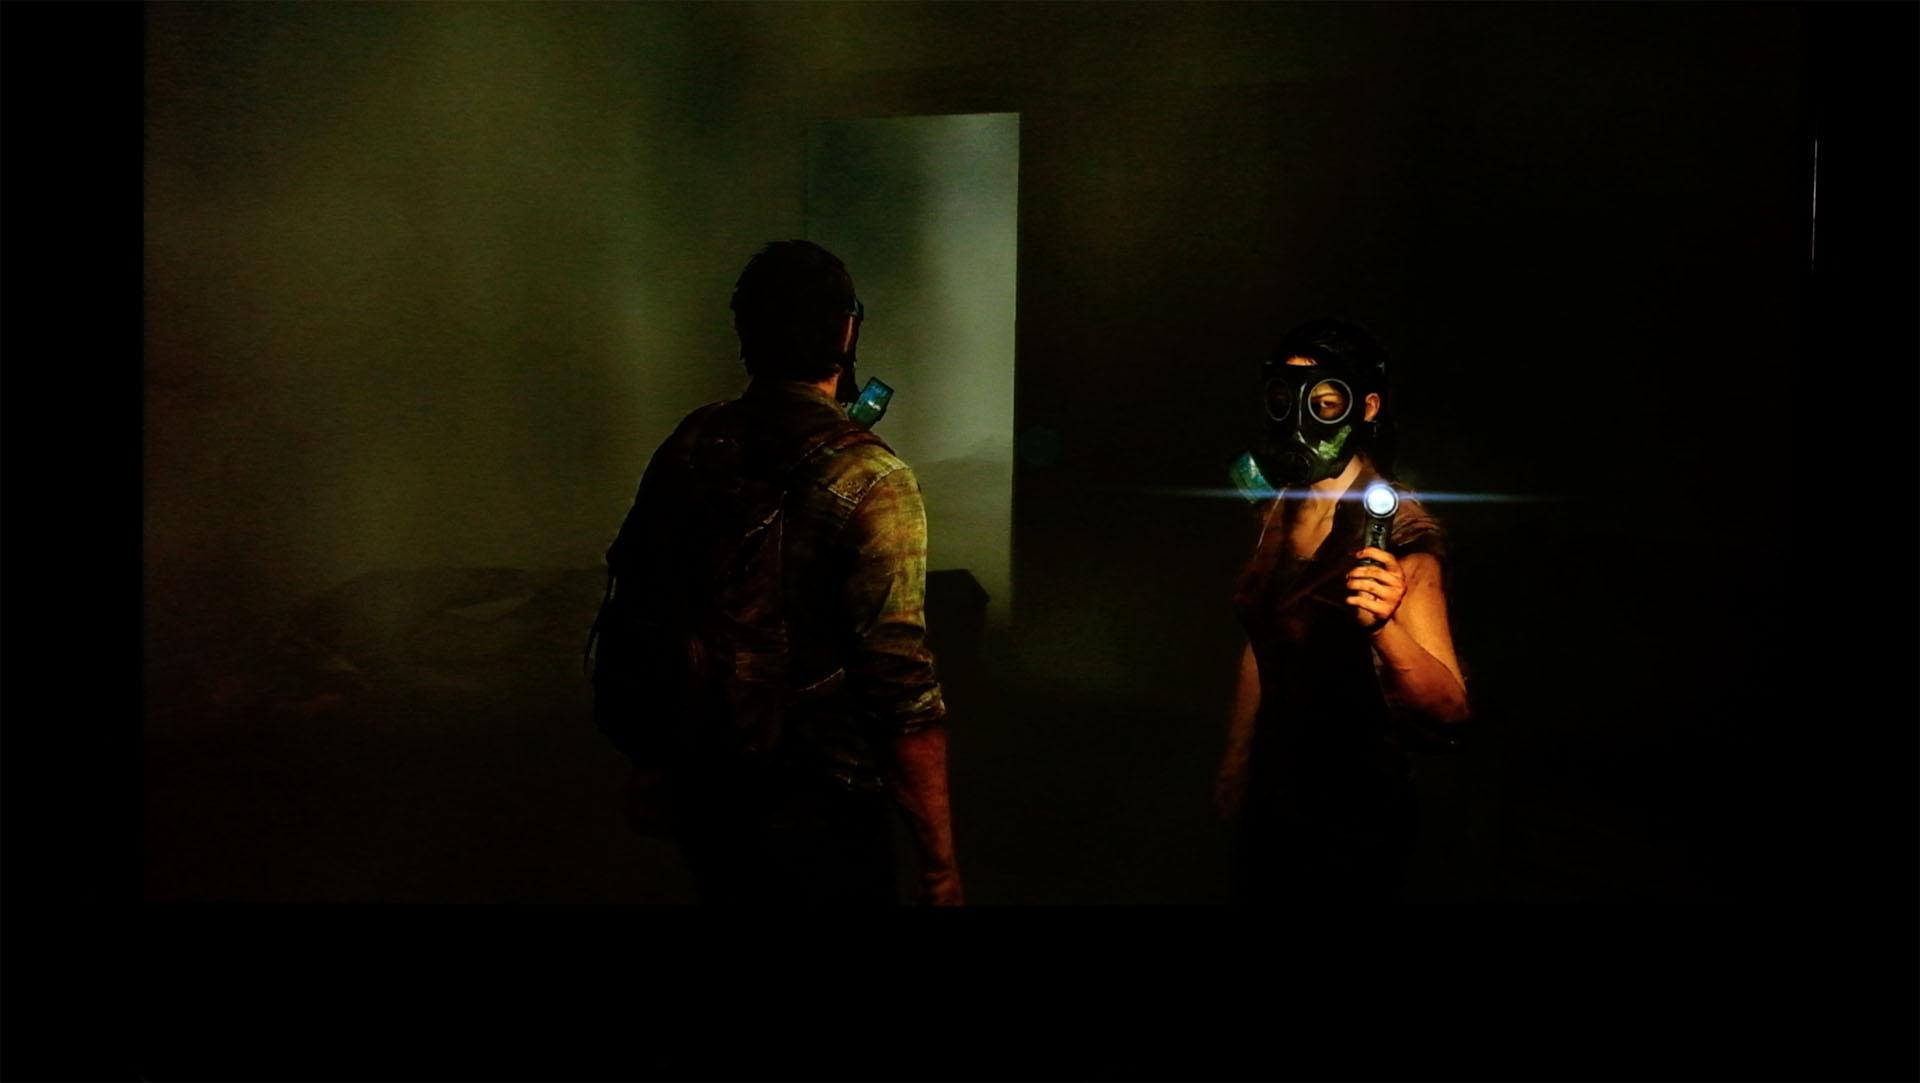 Spielen mit HDR ausprobiert: In den Farbtopf gefallen - Last of Us Remastered (SDR)